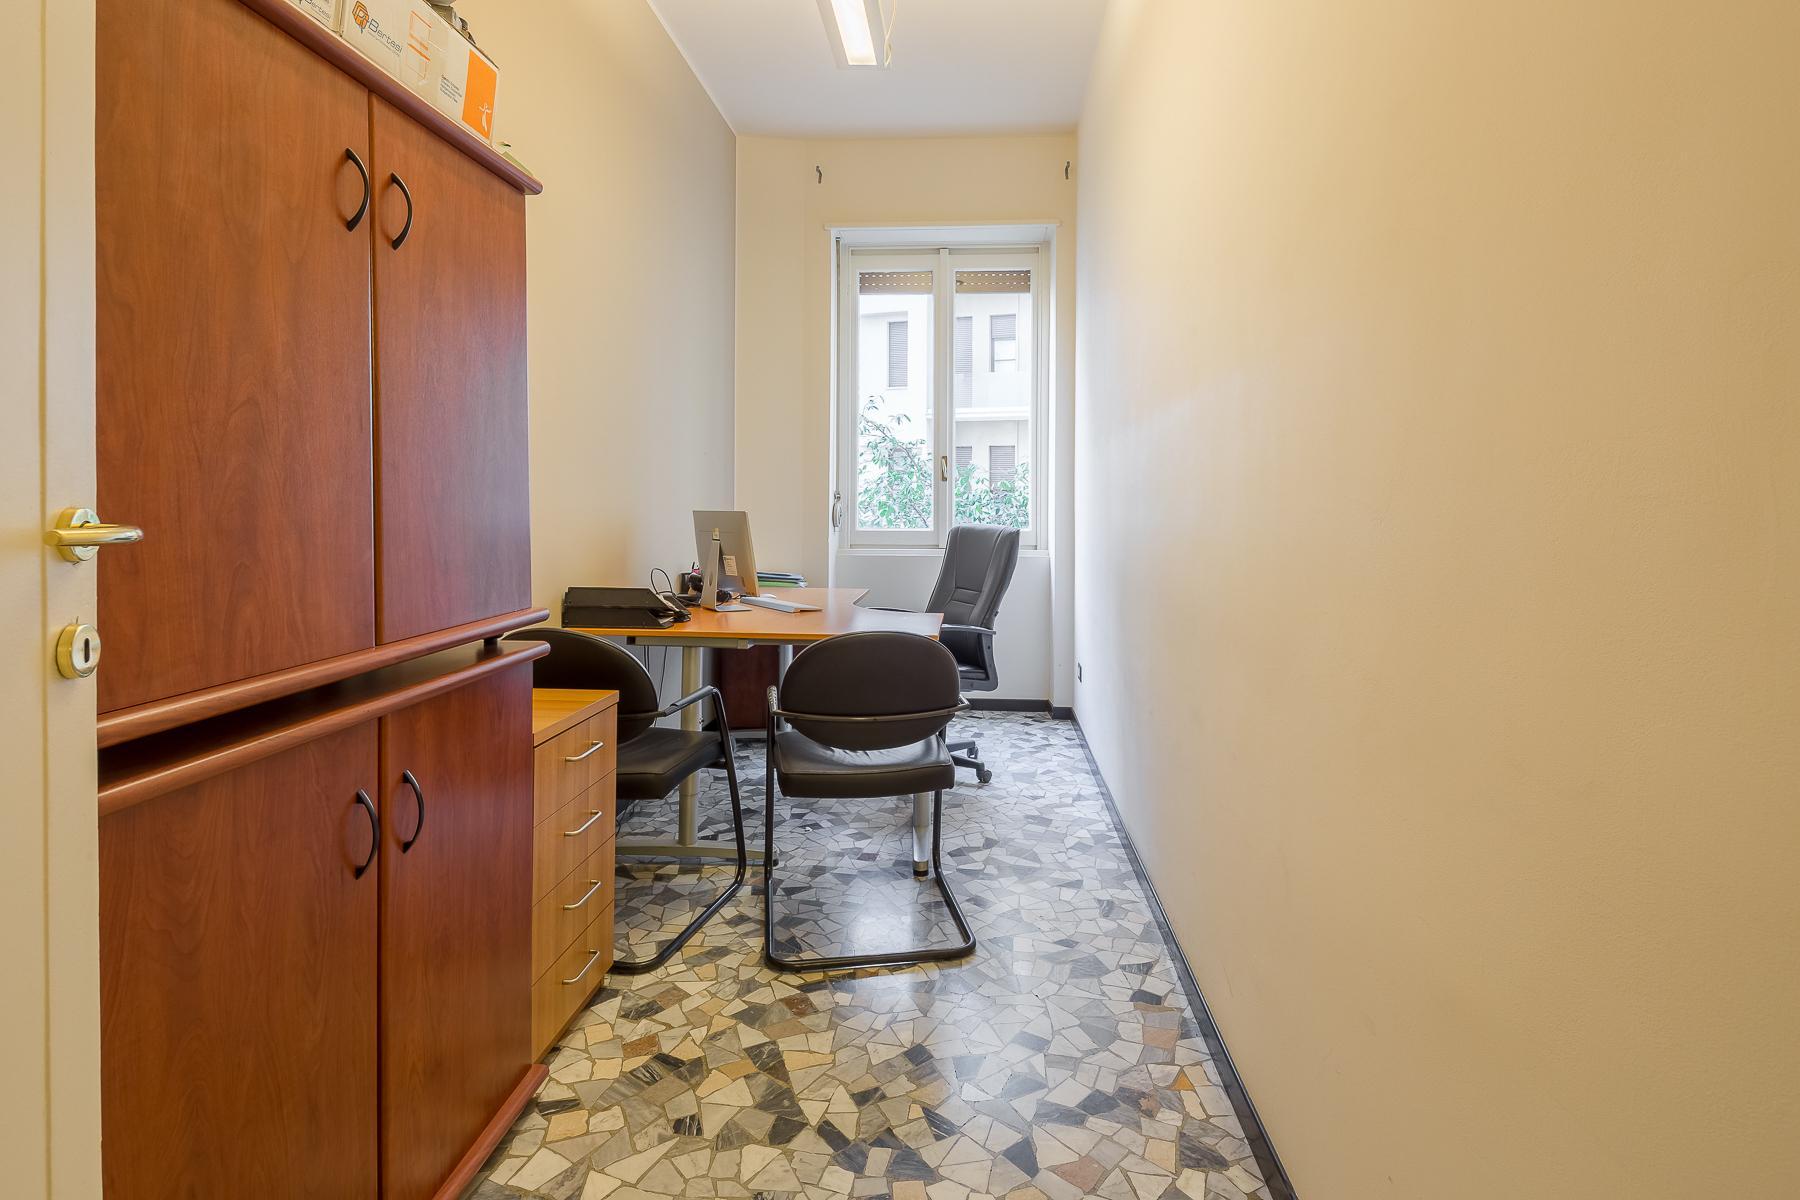 明亮的办公或住宅空间 - 16